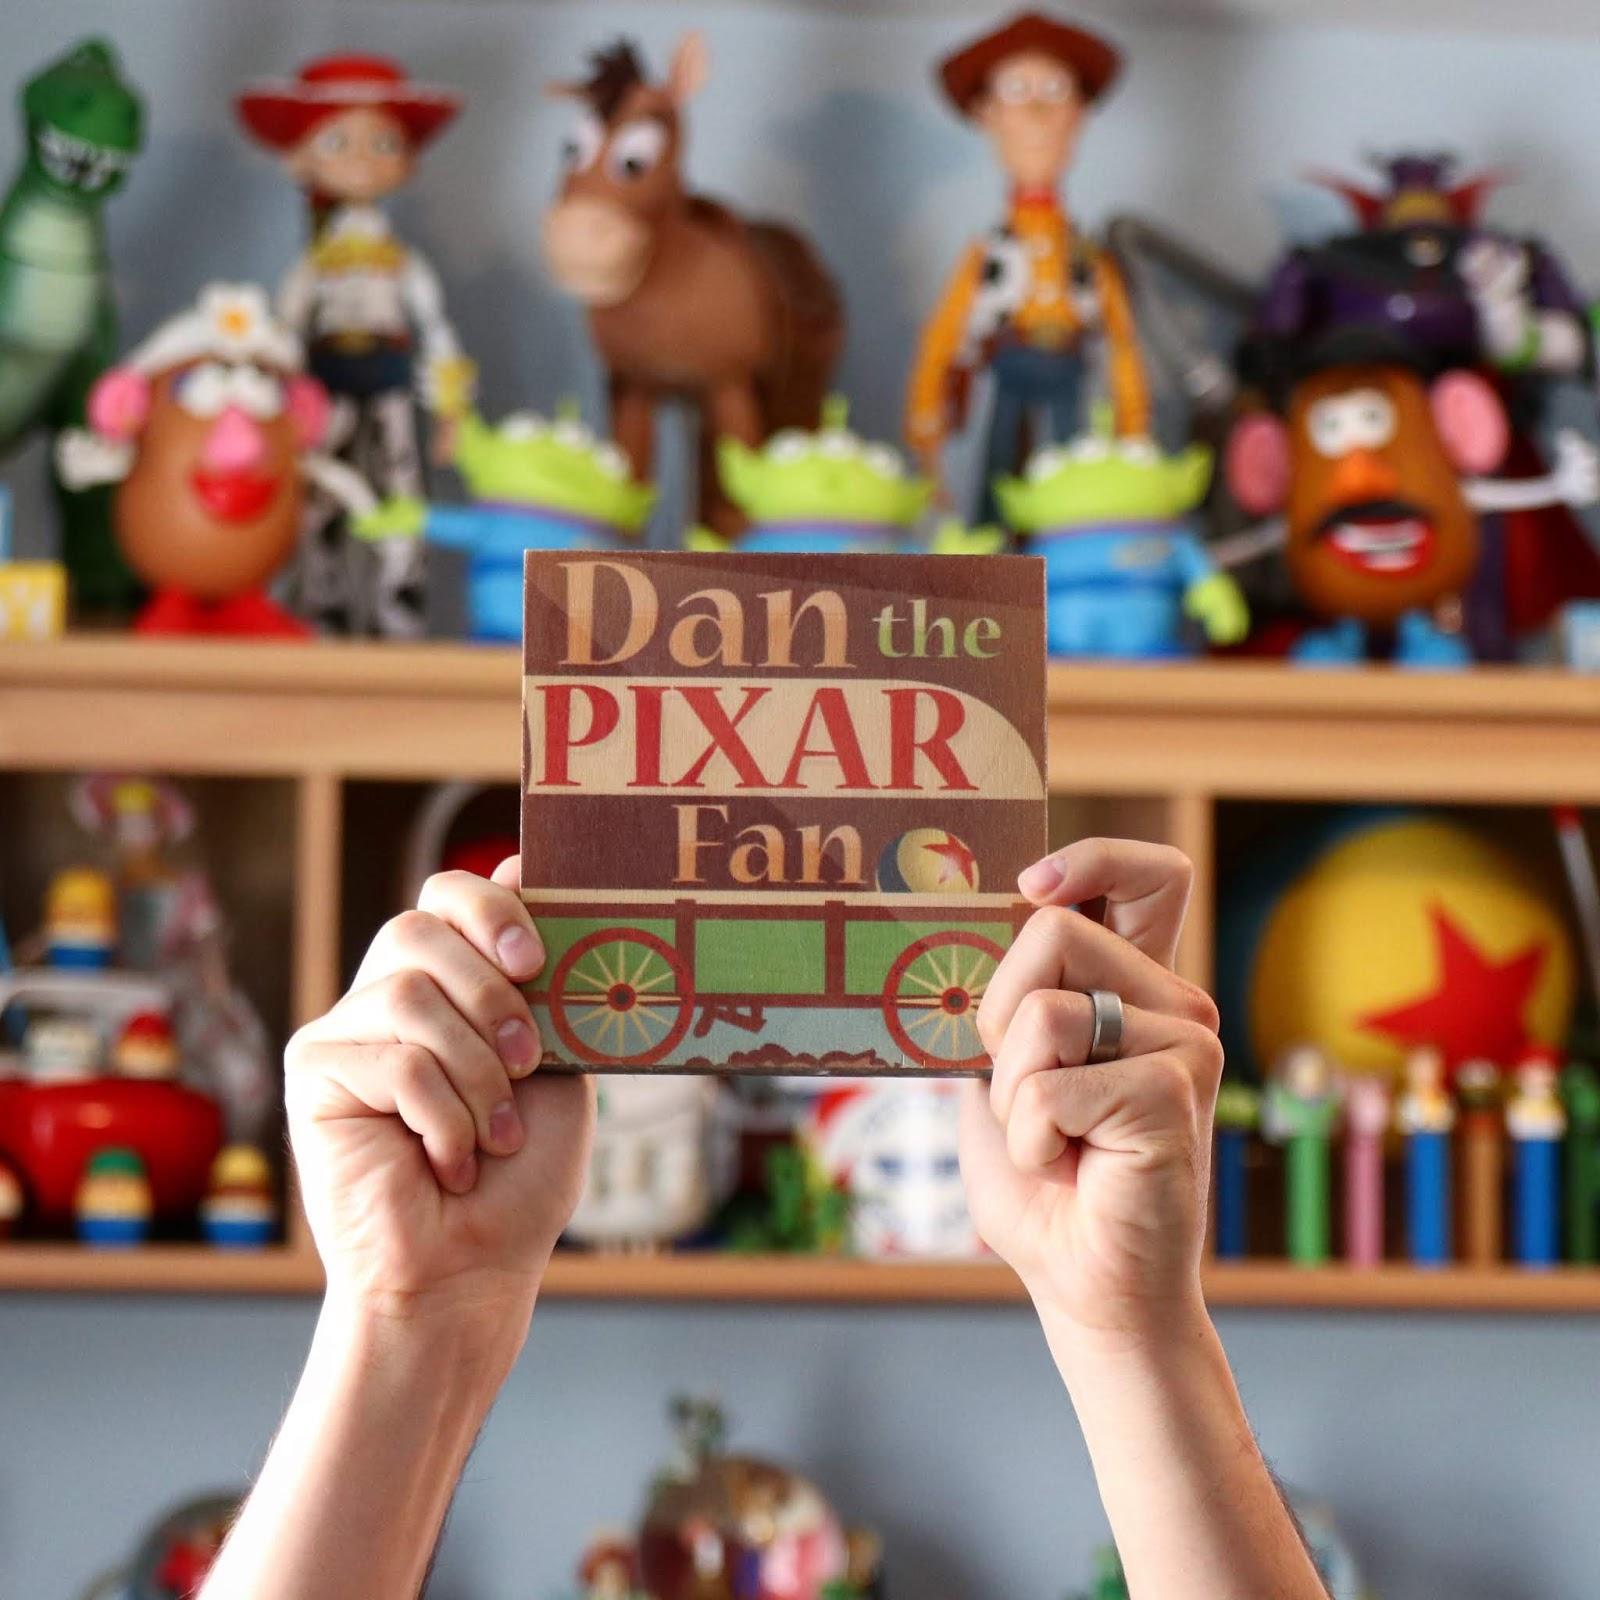 dan the pixar fan blog